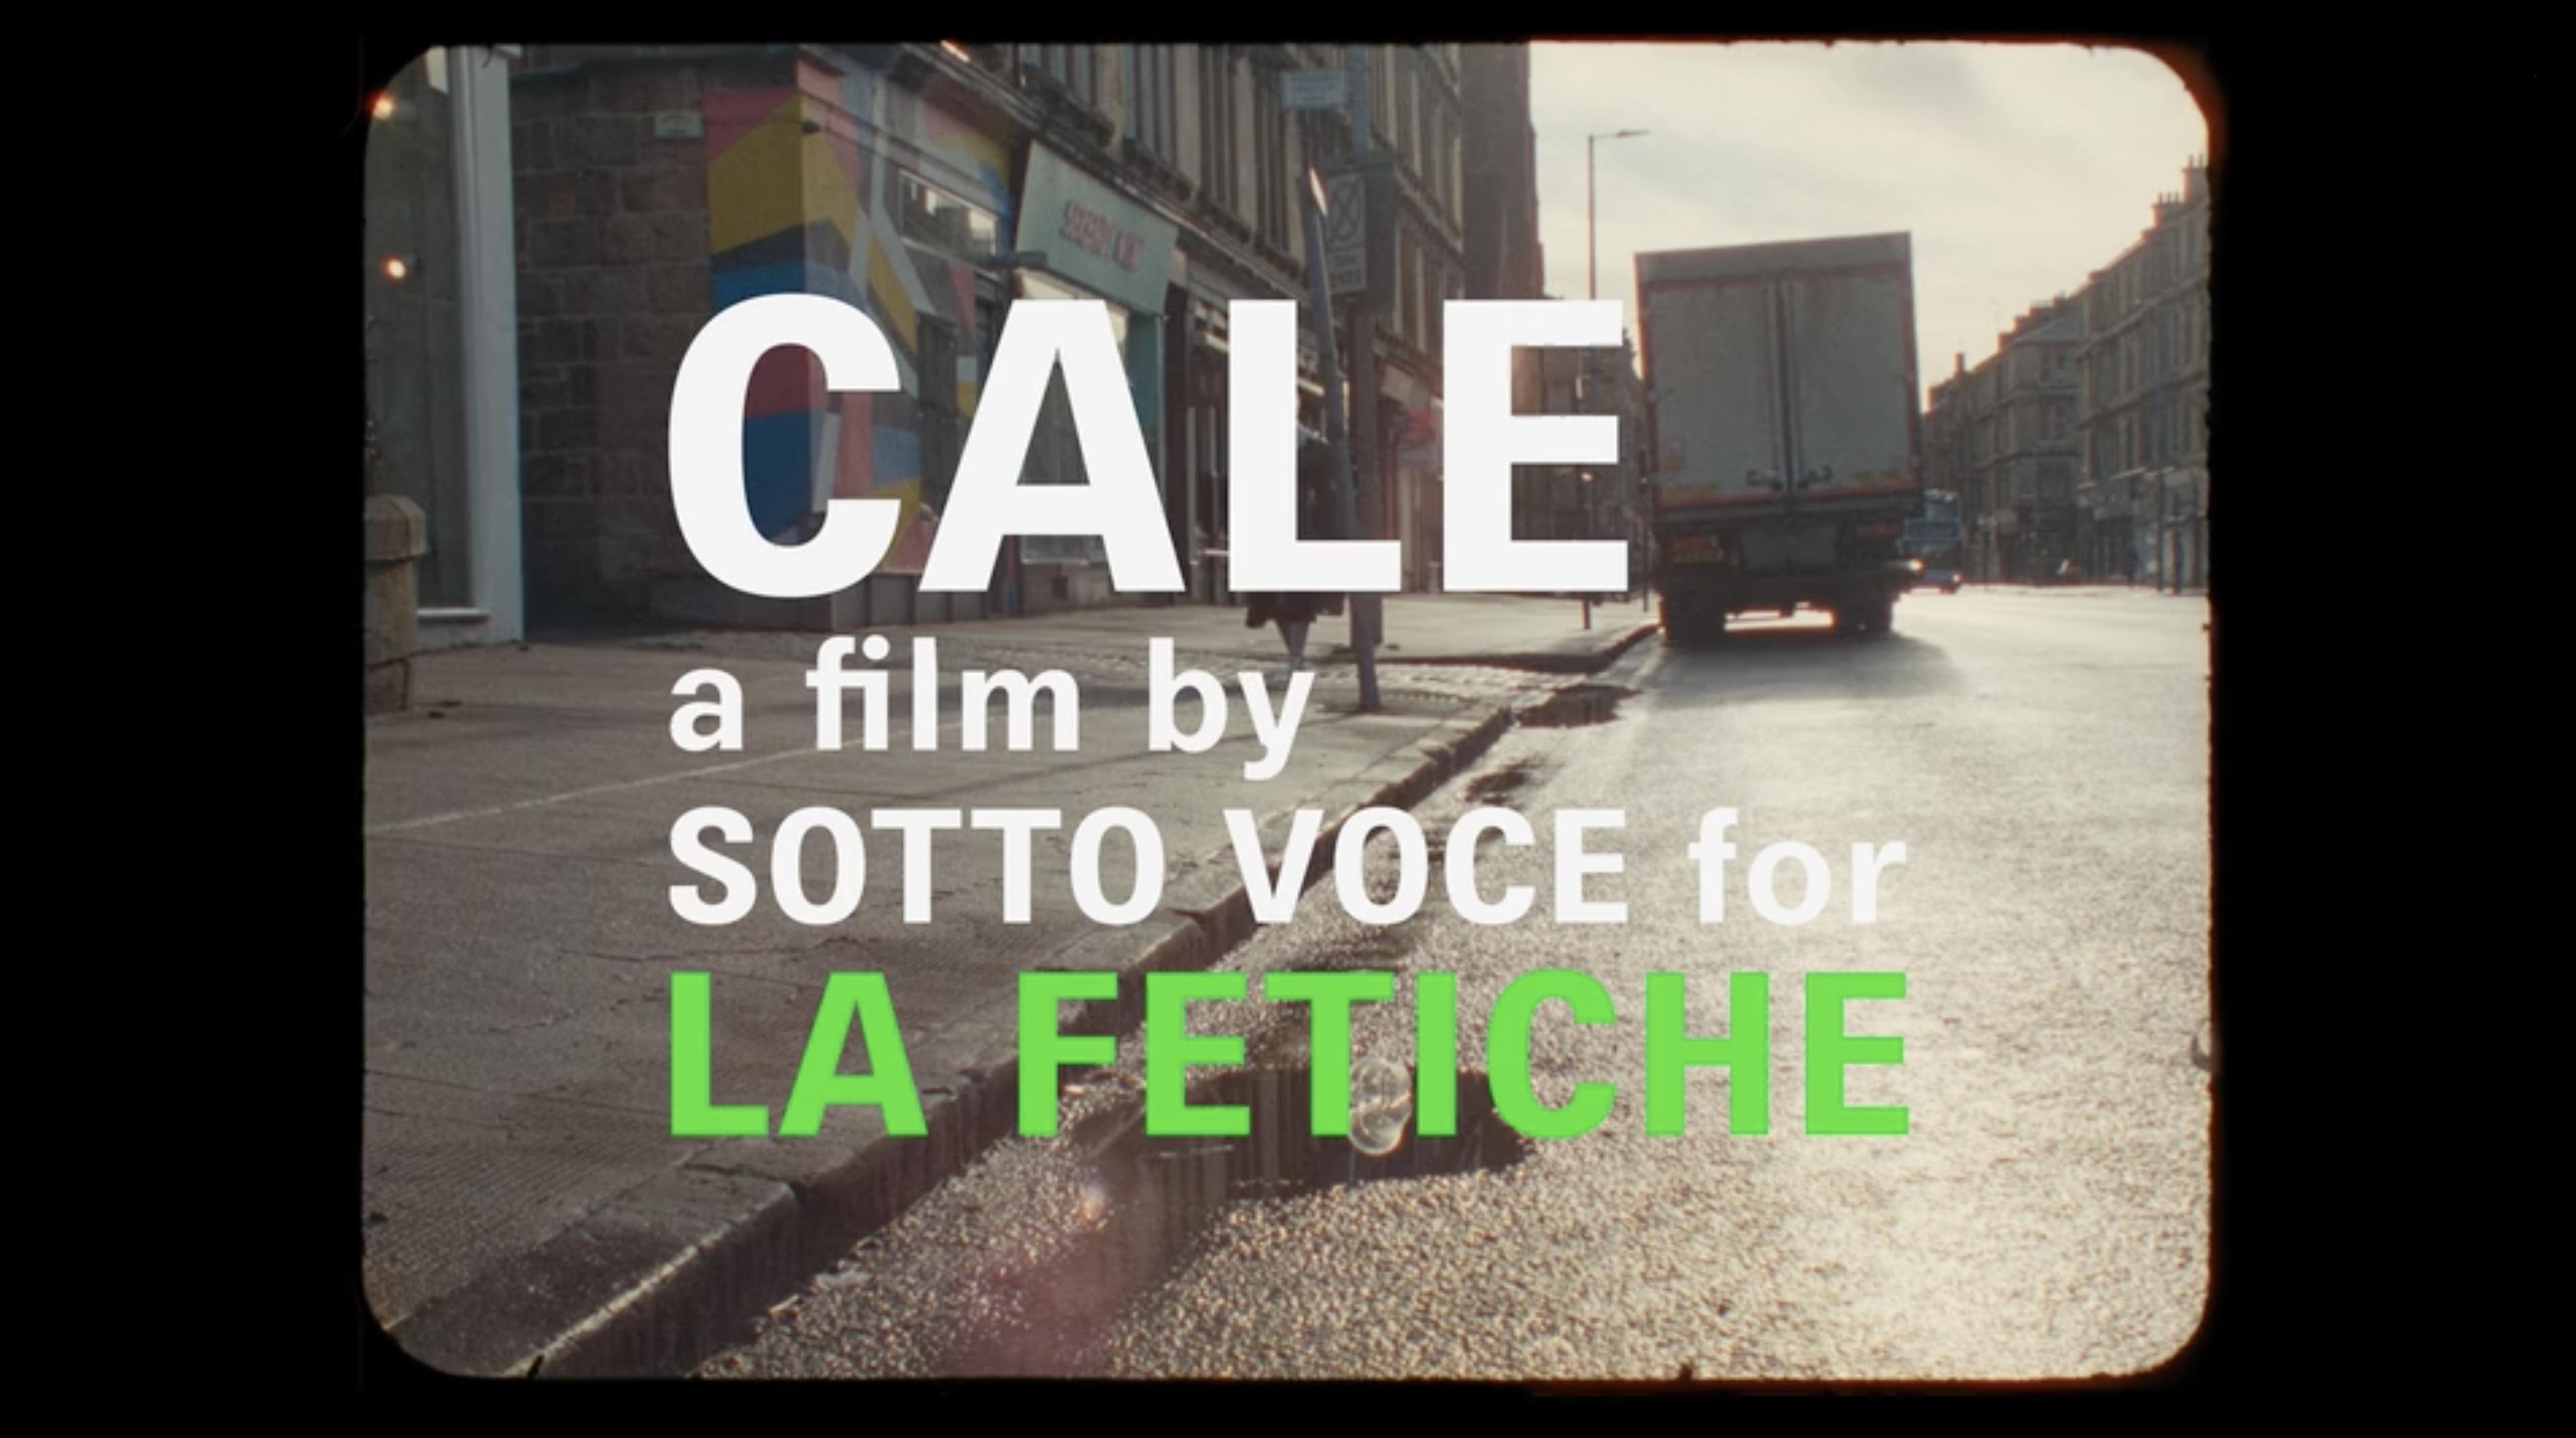 CALE by Sotto Voce for La Fetiche